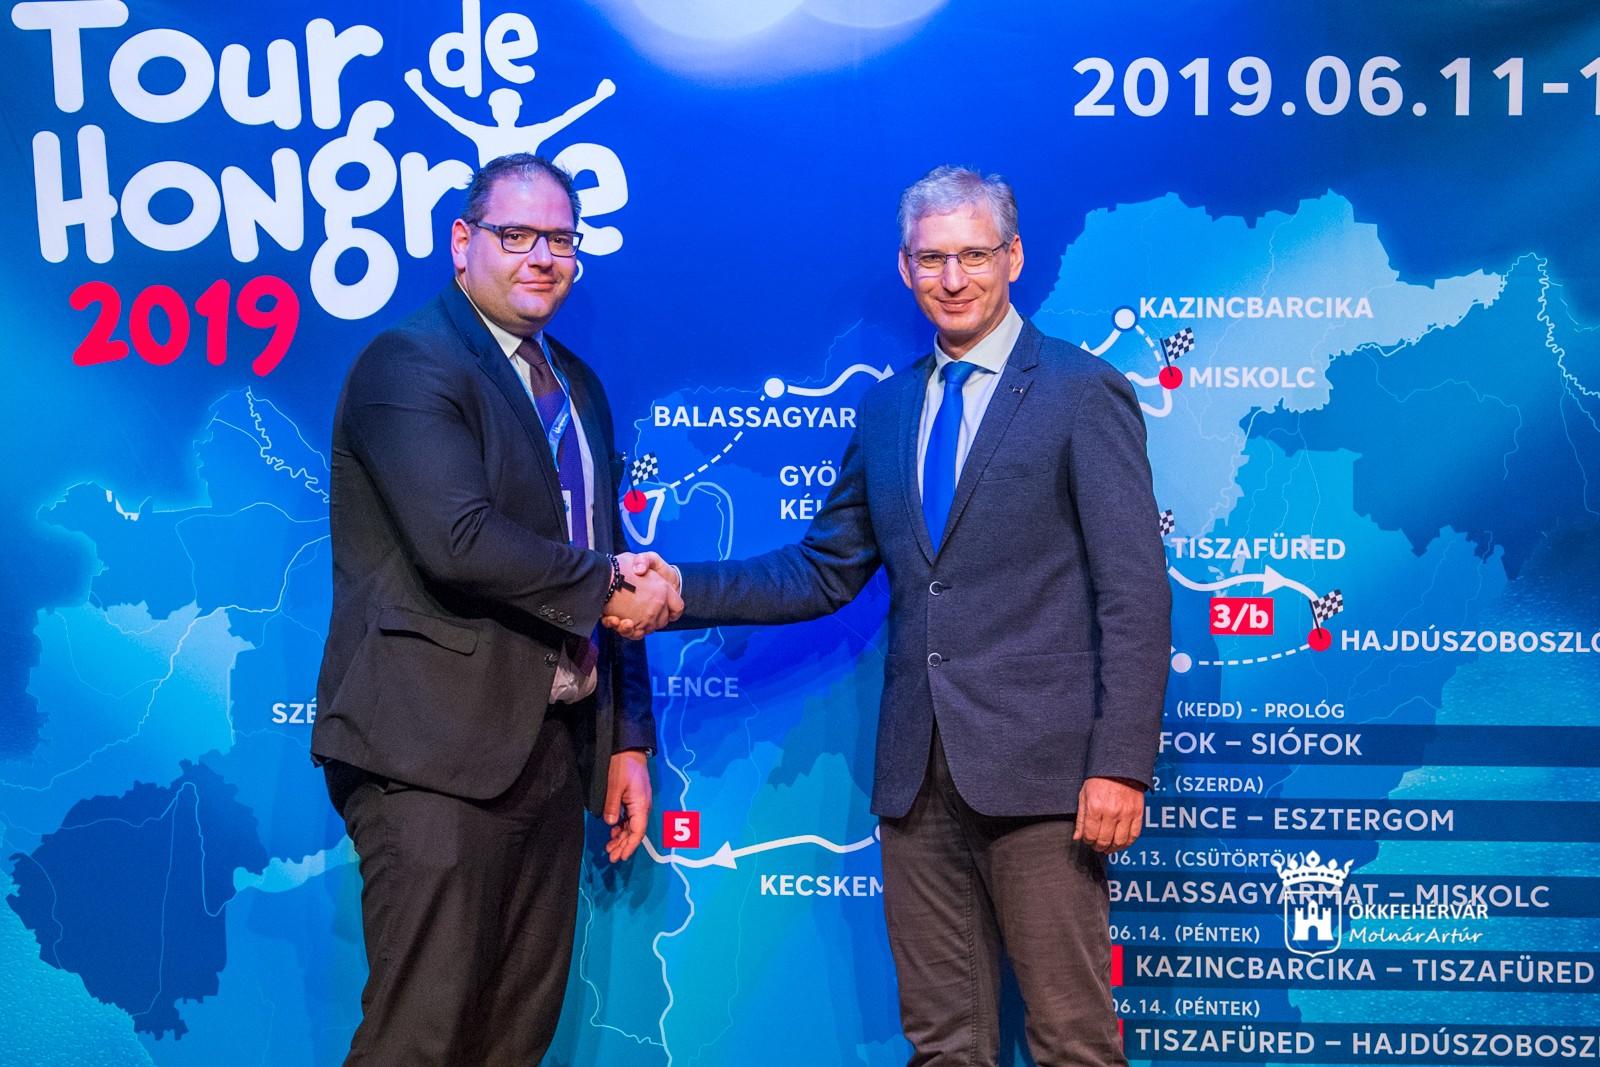 Siófokról rajtol és Székesfehérváron zárul az idei Tour de Hongrie